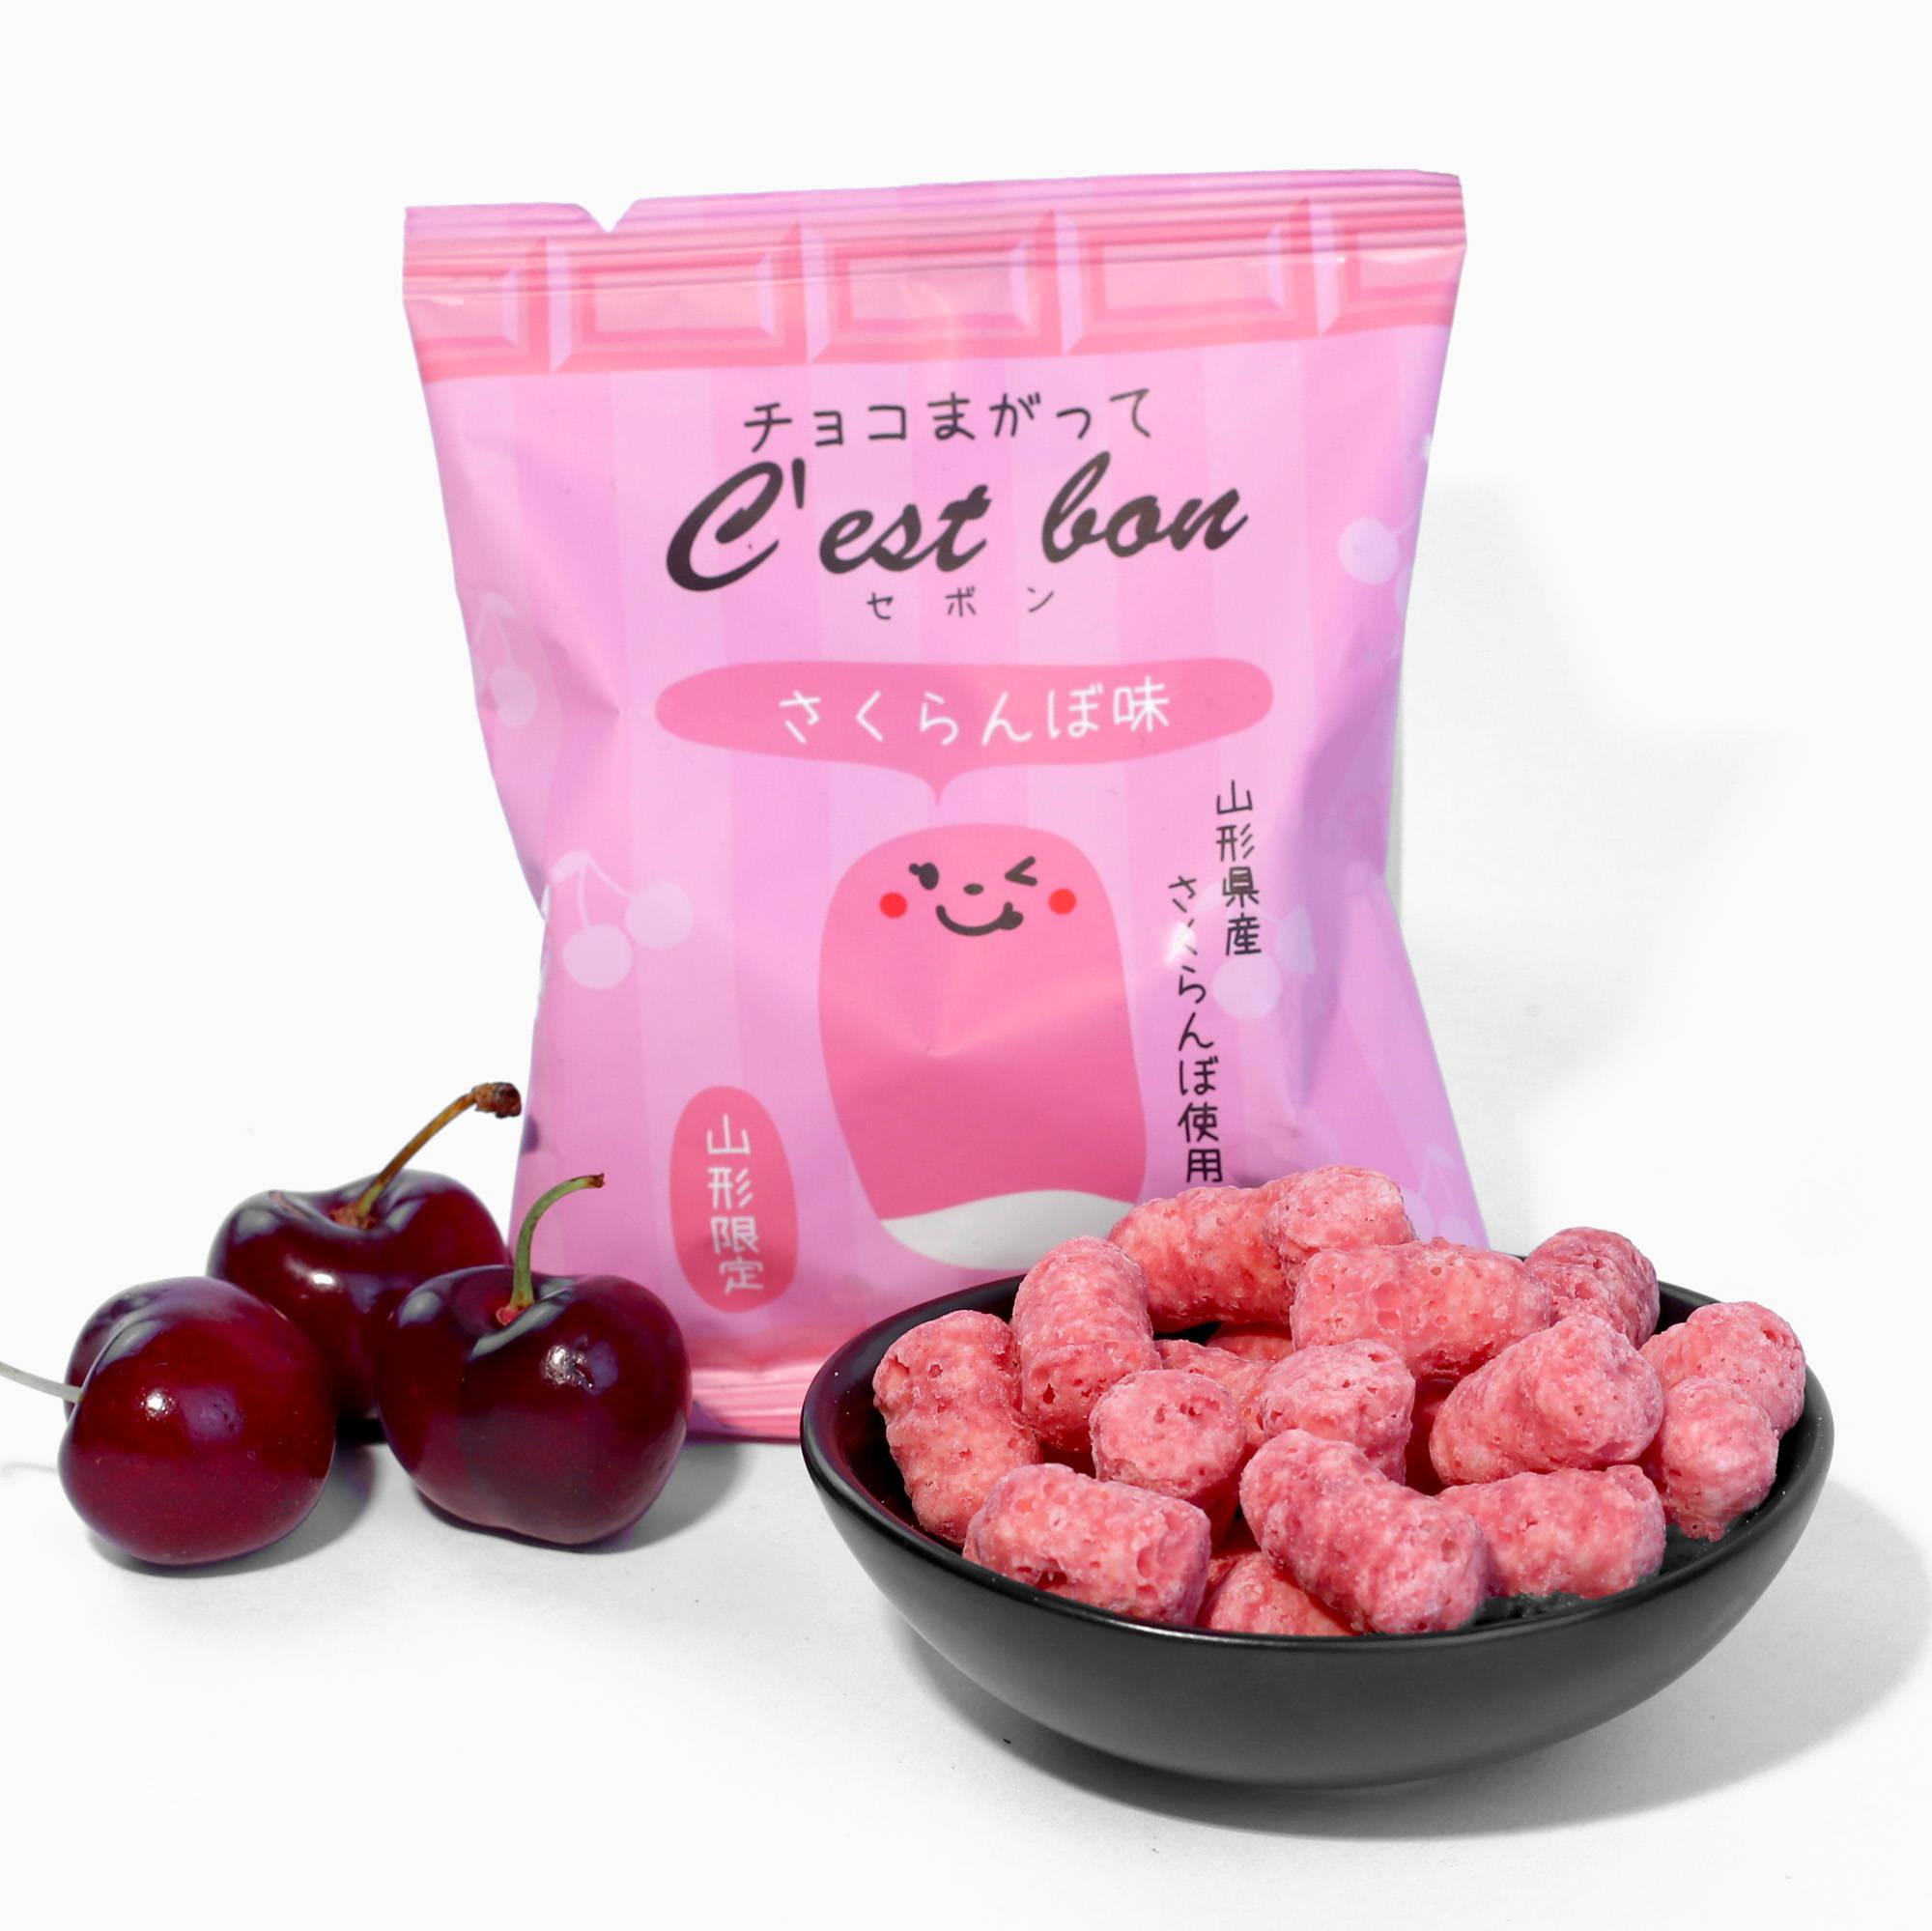 Choco Magatte C'est Bon: Cherry Flavor